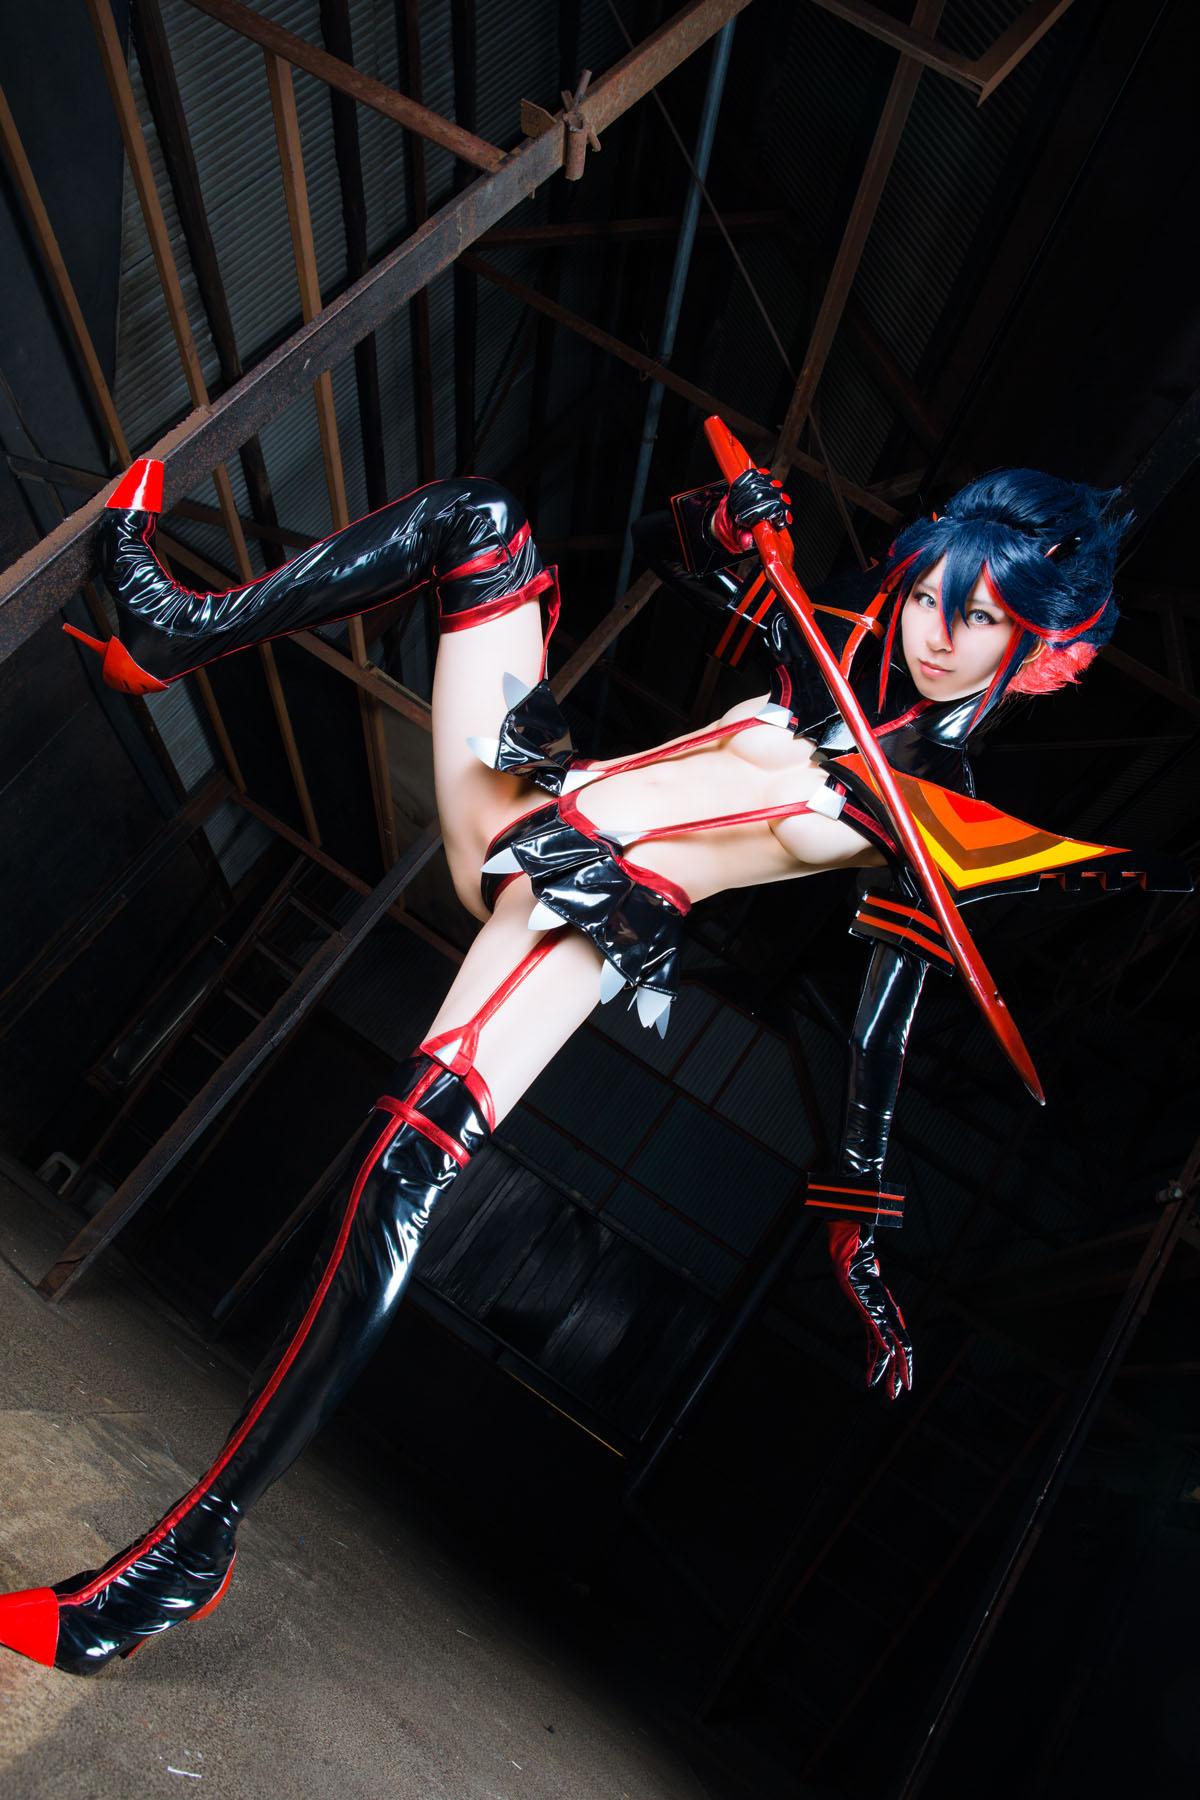 Kill la Kill Ryuuko Matoi anime cosplay by Mikehouse 0040